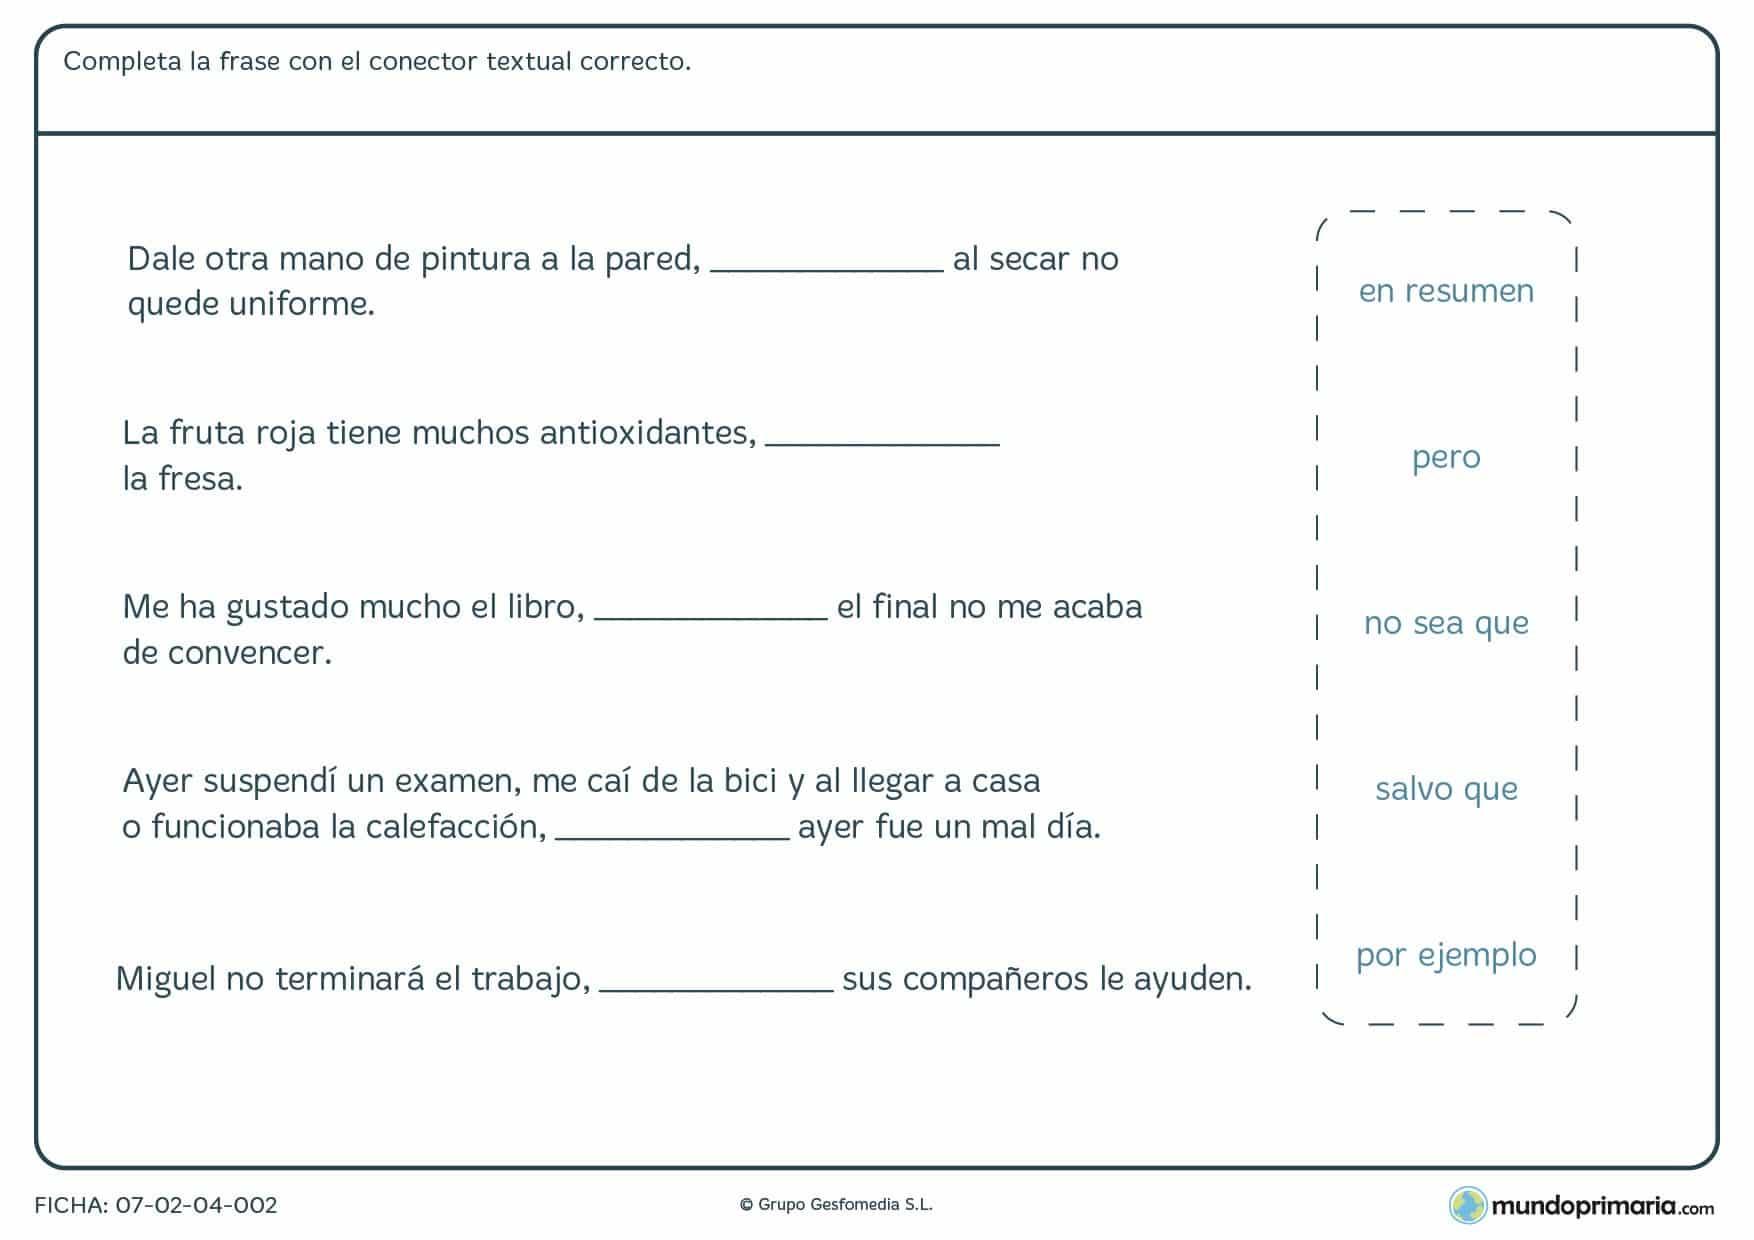 Ficha de nexo textual en la que debes aplicar bien estos nexos entre las frases que te ponemos.